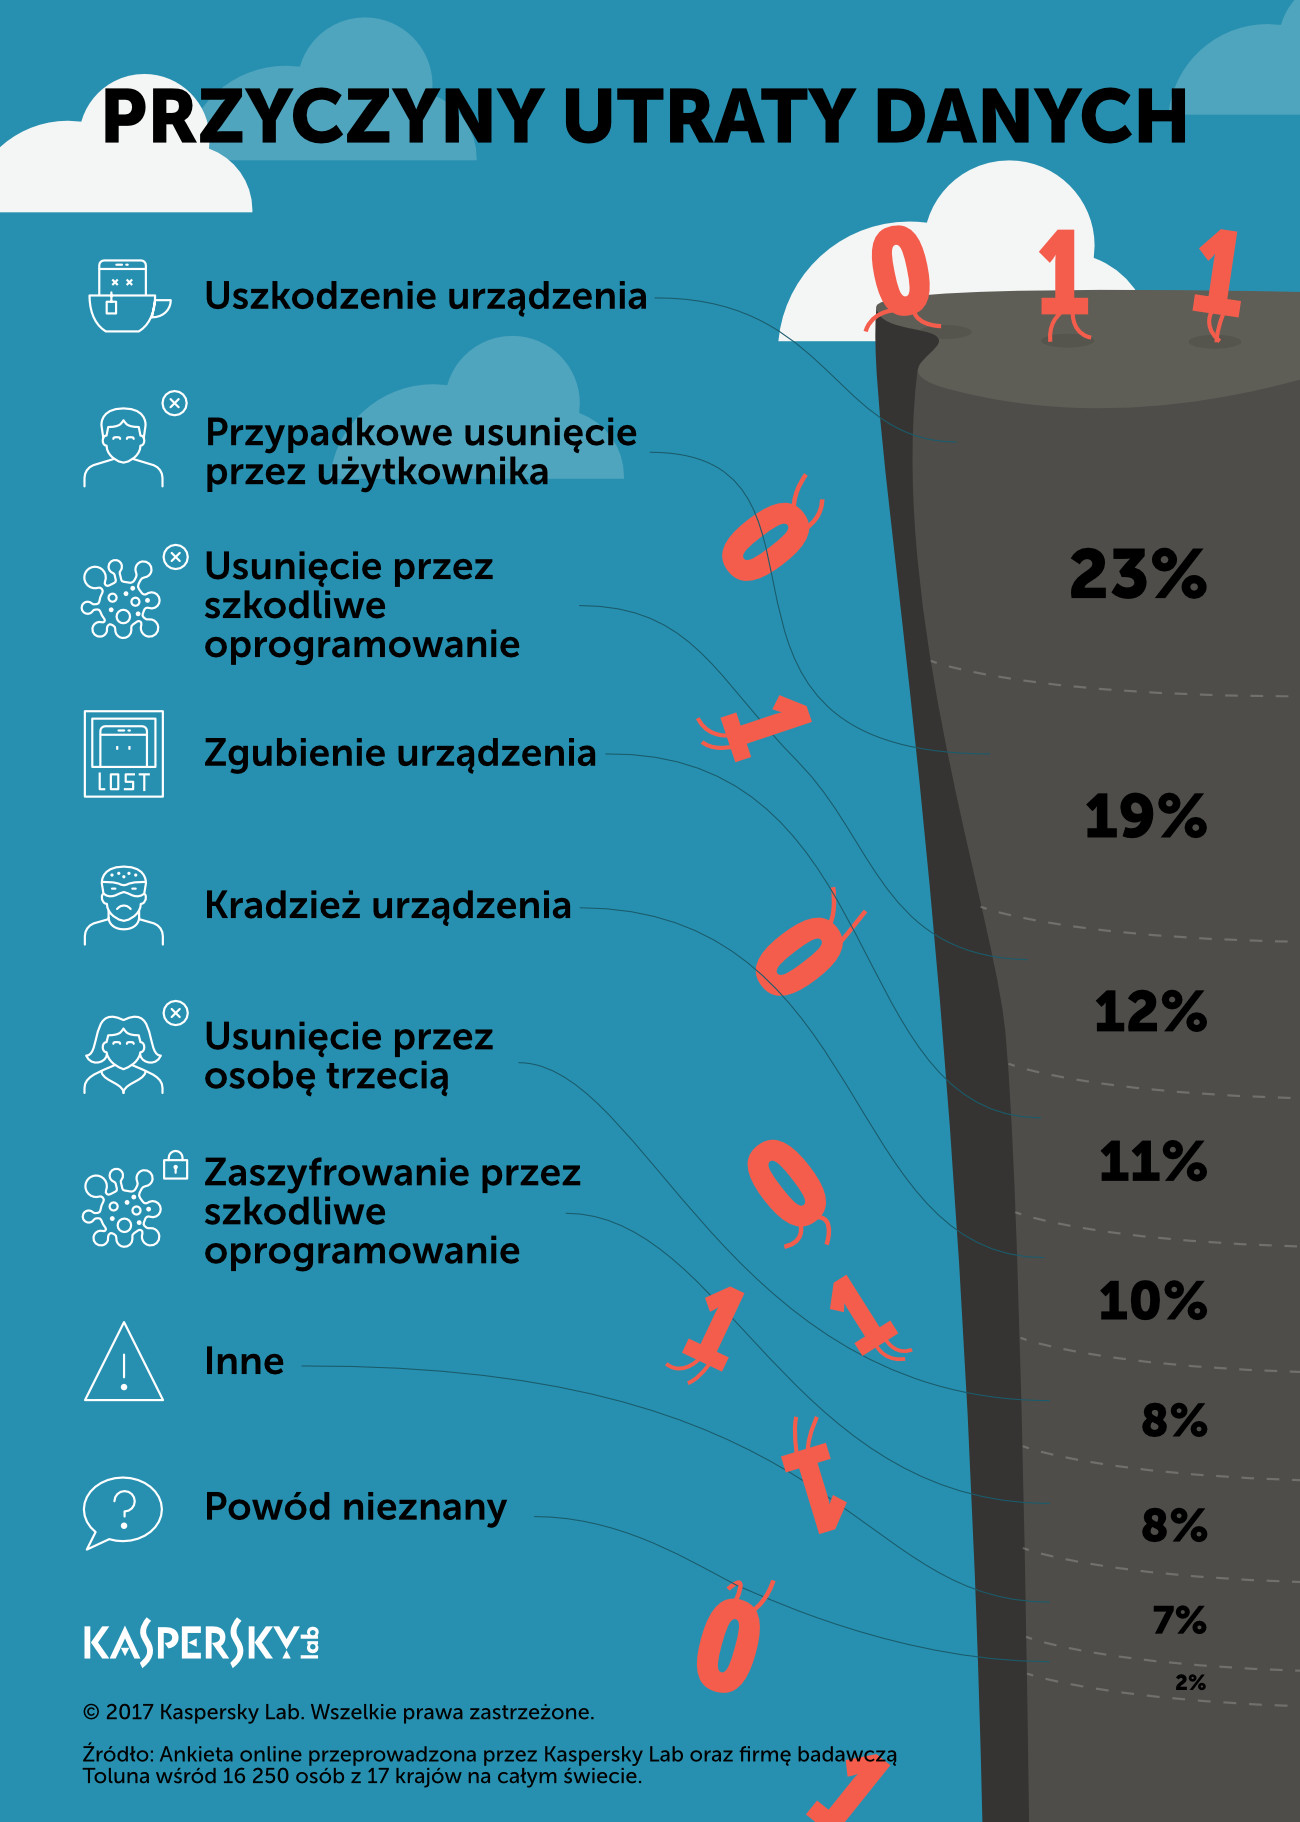 klp_infografika_przyczyny_utraty_danych